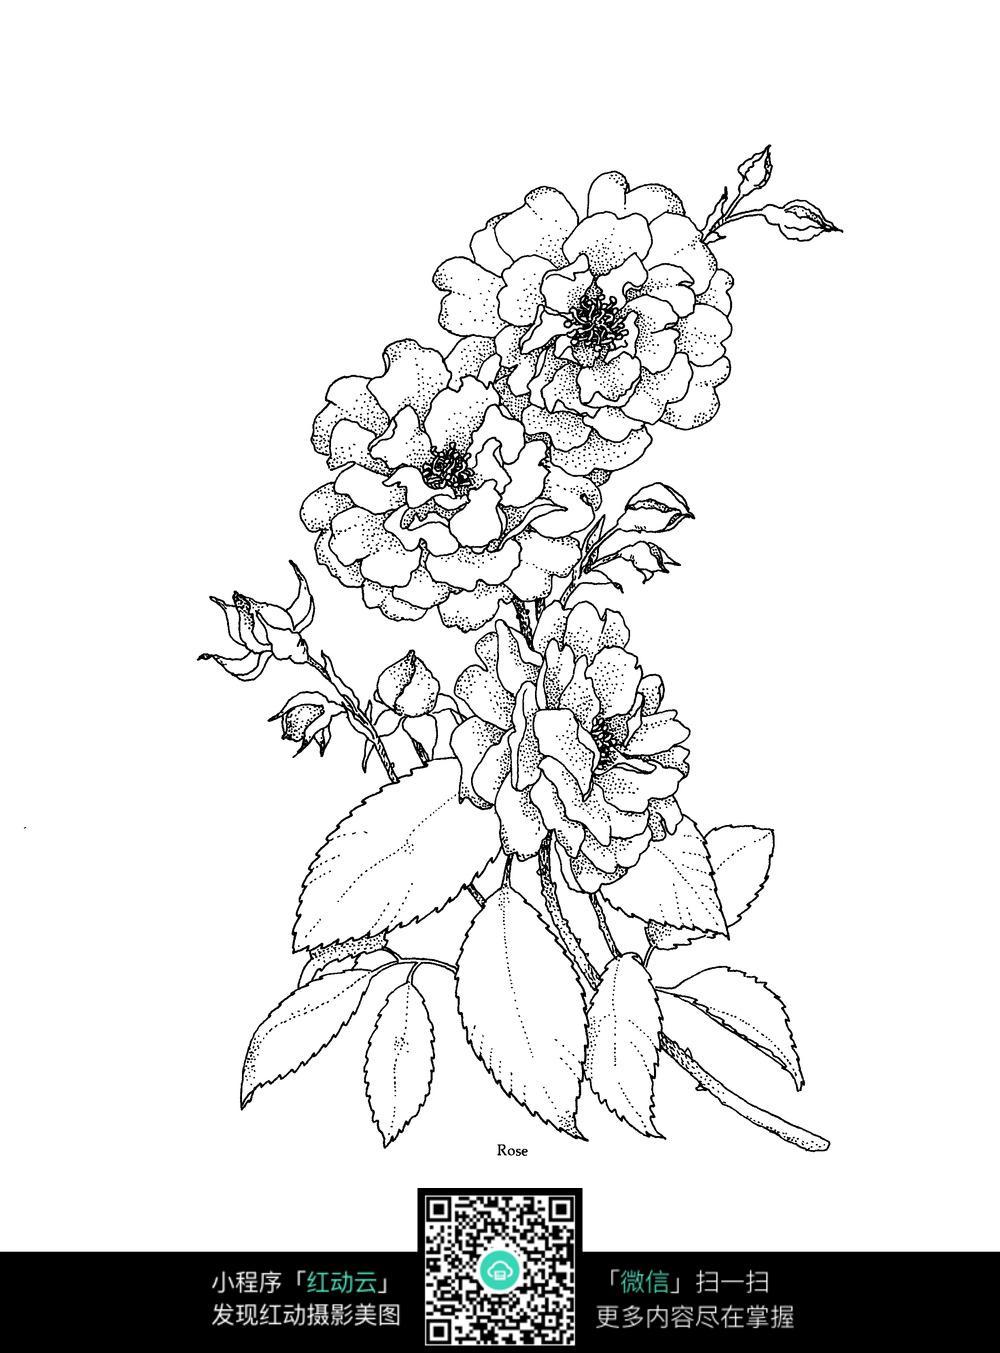 花朵刺绣图案素材